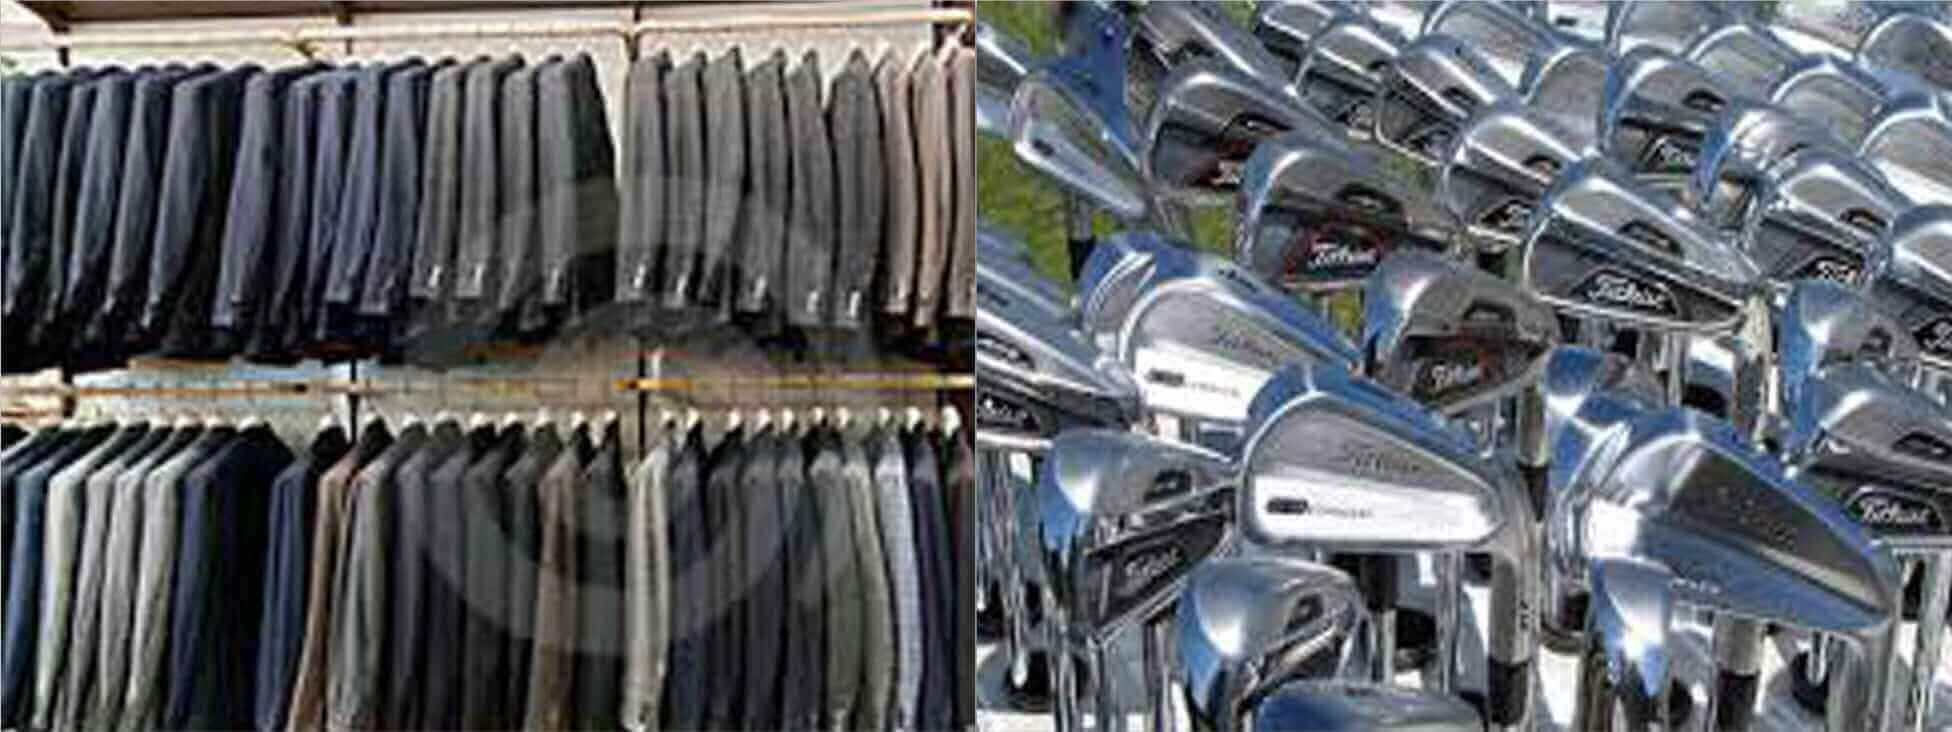 Club Fitting, John Hughes Golf, Orlando Golf Lessons, Best Orlando Golf Schools, Best Orlando Junior Golf Lessons, Best Orlando Junior Golf Schools, Best Orlando Ladies Golf Lessons